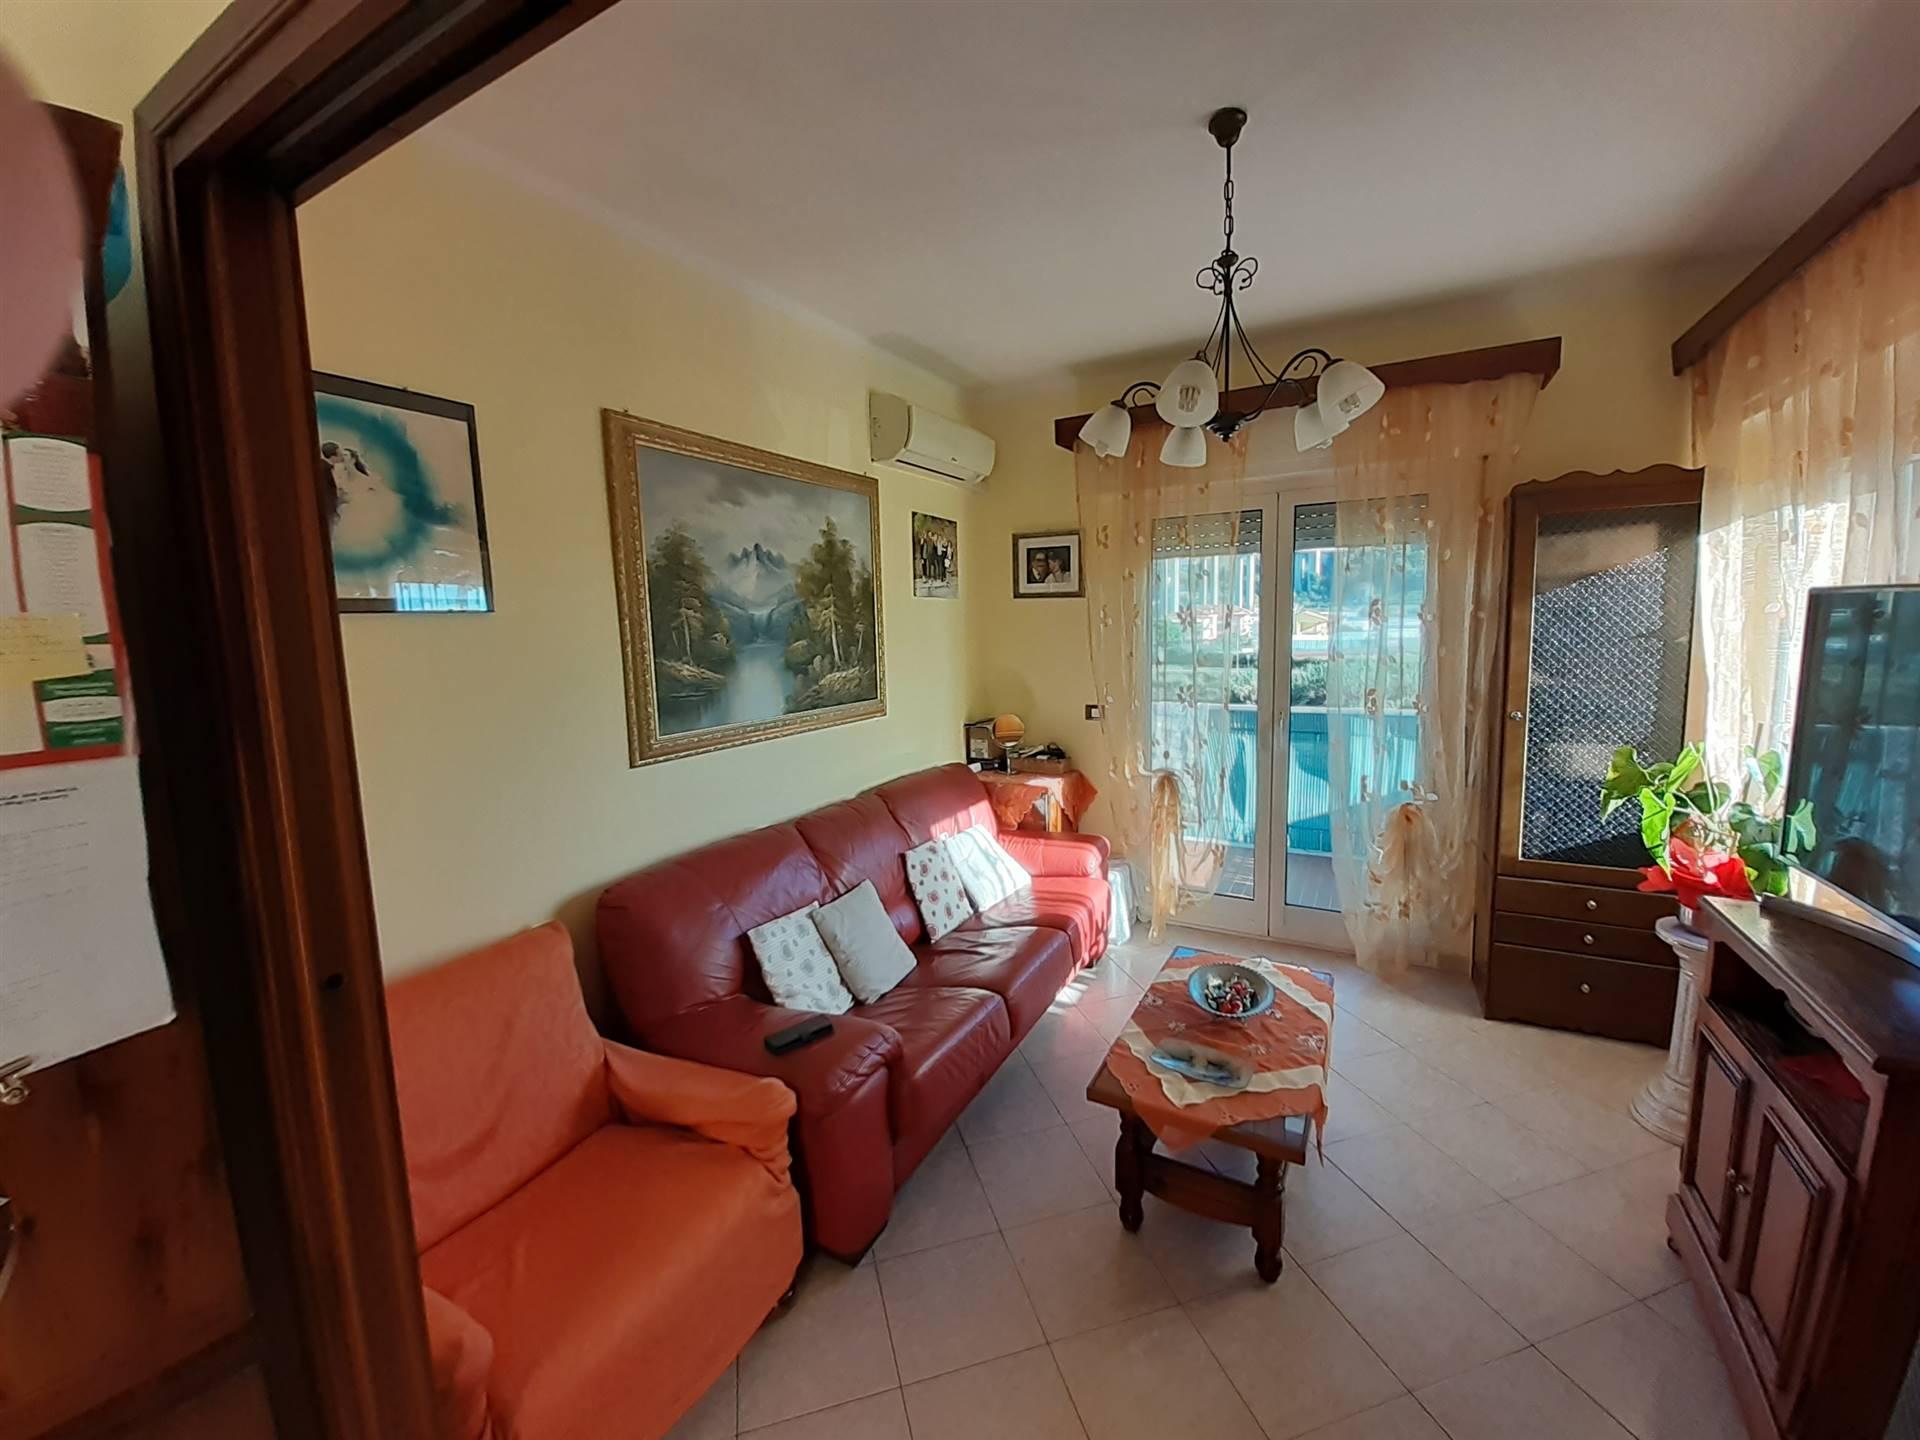 Appartamento in vendita a Camporosso, 3 locali, prezzo € 160.000 | PortaleAgenzieImmobiliari.it